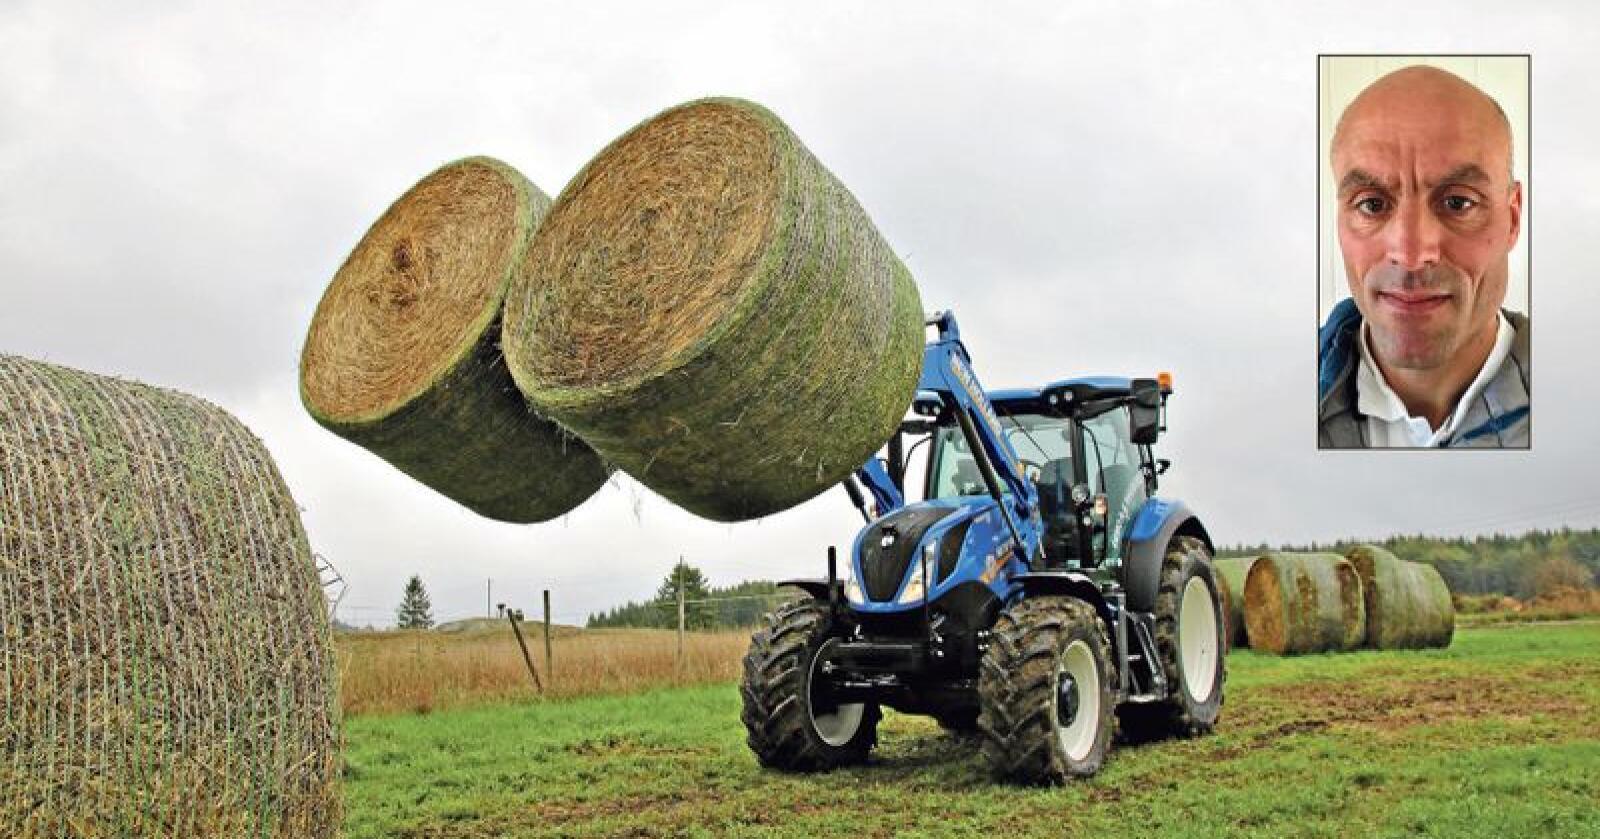 Melkebonde Leander Lysklett har liten sans for dem som nå presser prisene på grunn av tørke og fôrmangel. Foto: Trond Martin Wiersholm og privat (innfelt)